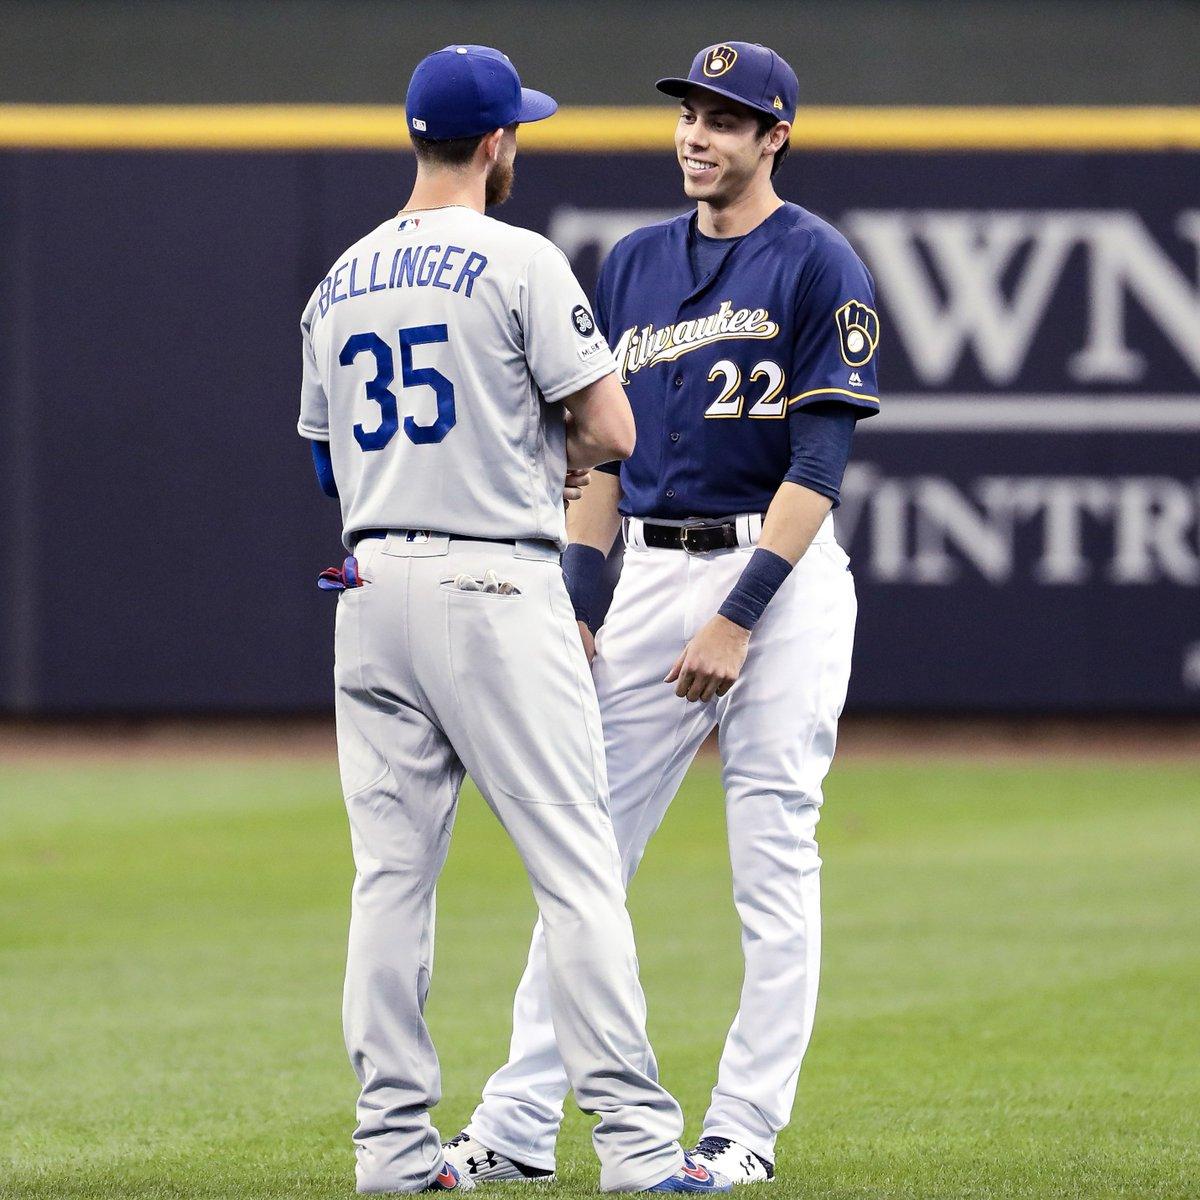 Cody Bellinger ties MLB home run lead